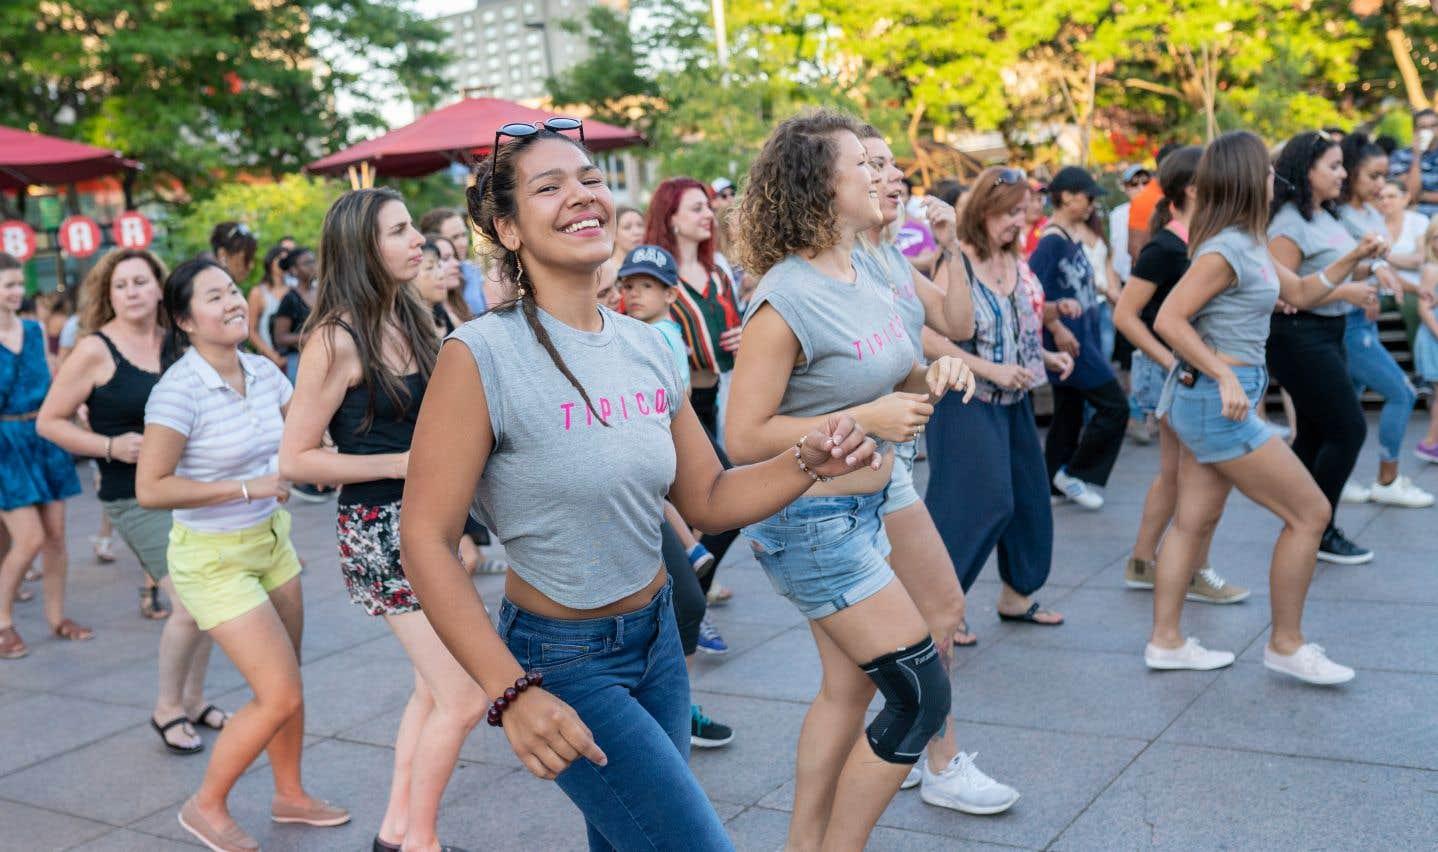 Les soirées Salsafolie réunissent les amateurs de danse latine.